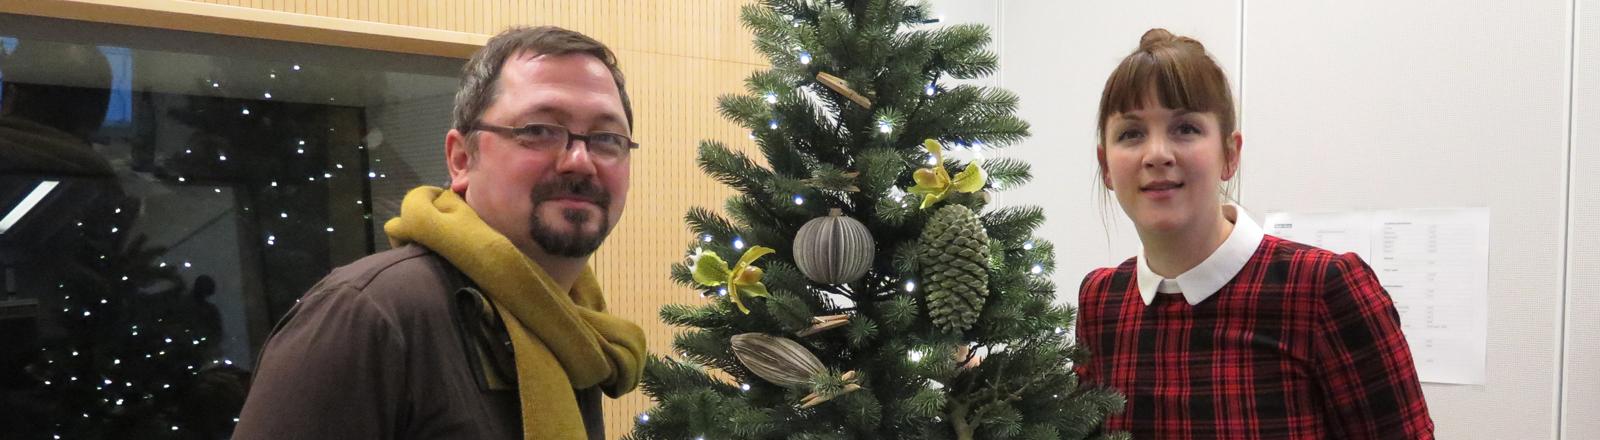 """Bernd Steiner, Florist bei """"Blumen von Steiner"""" und Marlis Schaum vor einem Weihnachtsbaum"""